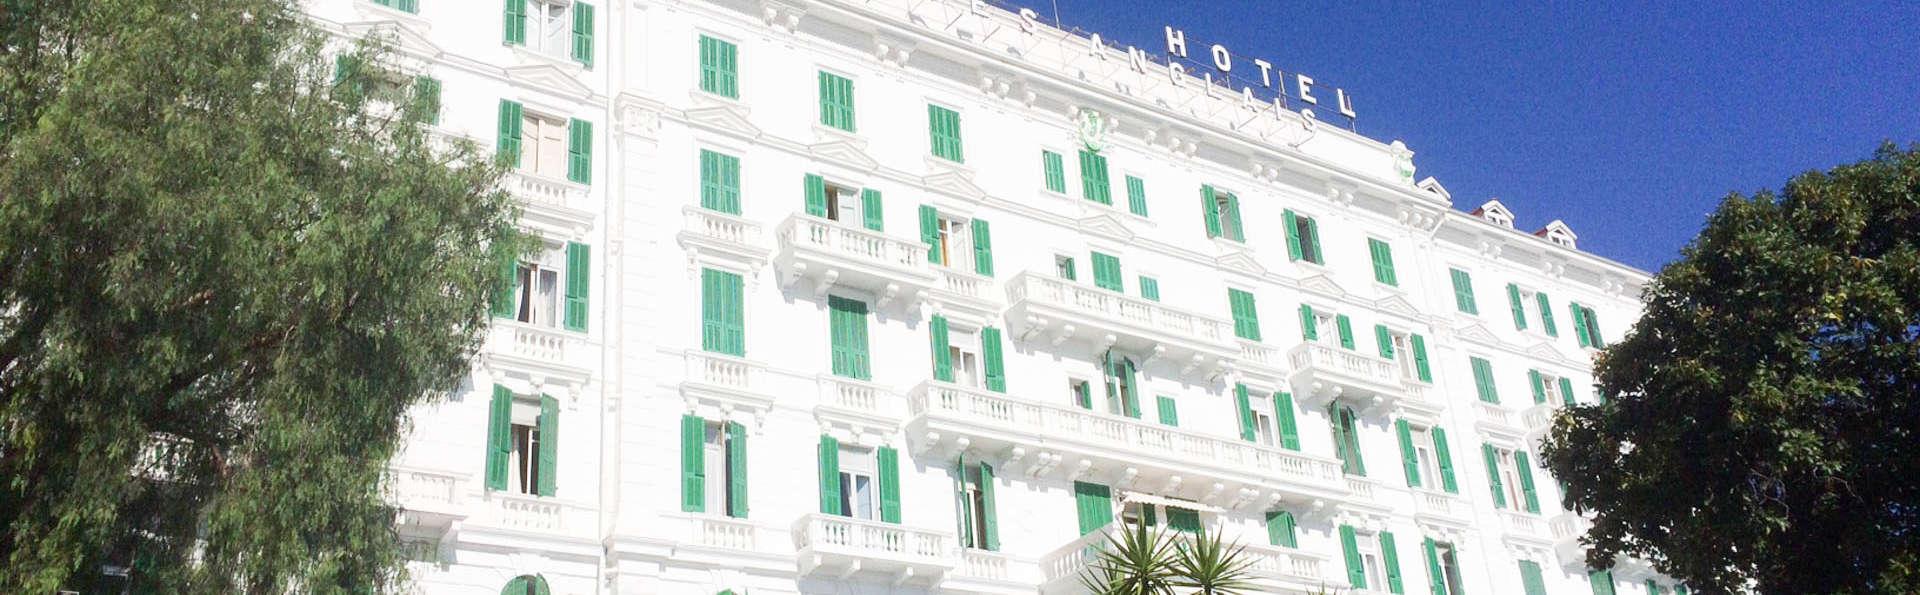 Week-end à Sanremo, en chambre supérieure dans un splendide hôtel historique